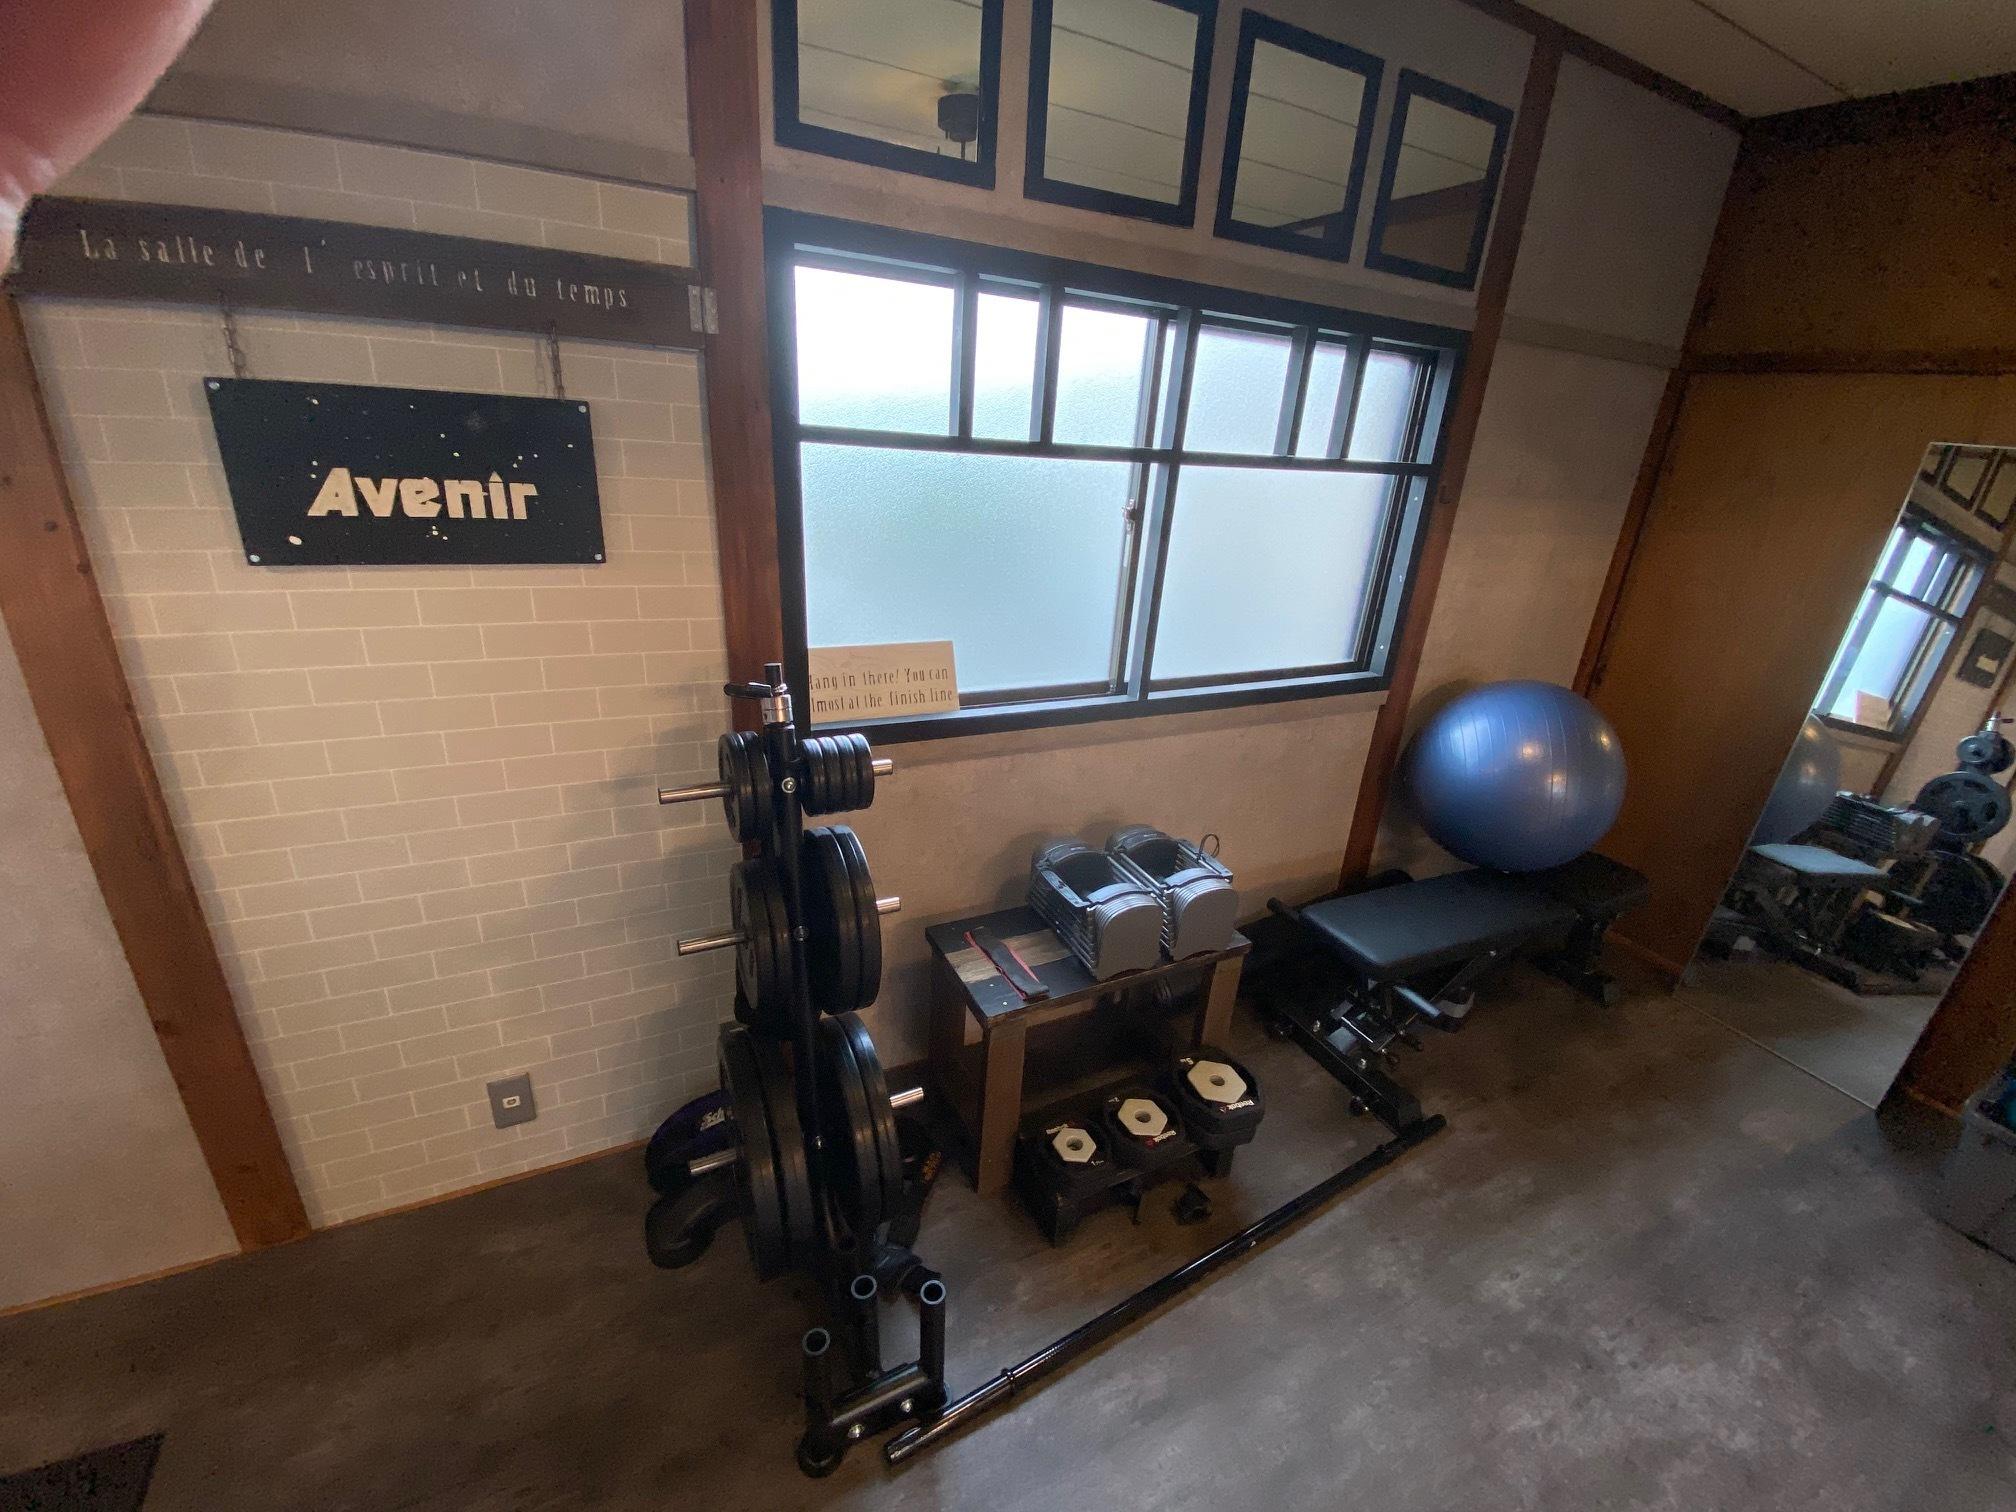 Avenir(アヴニール)の画像